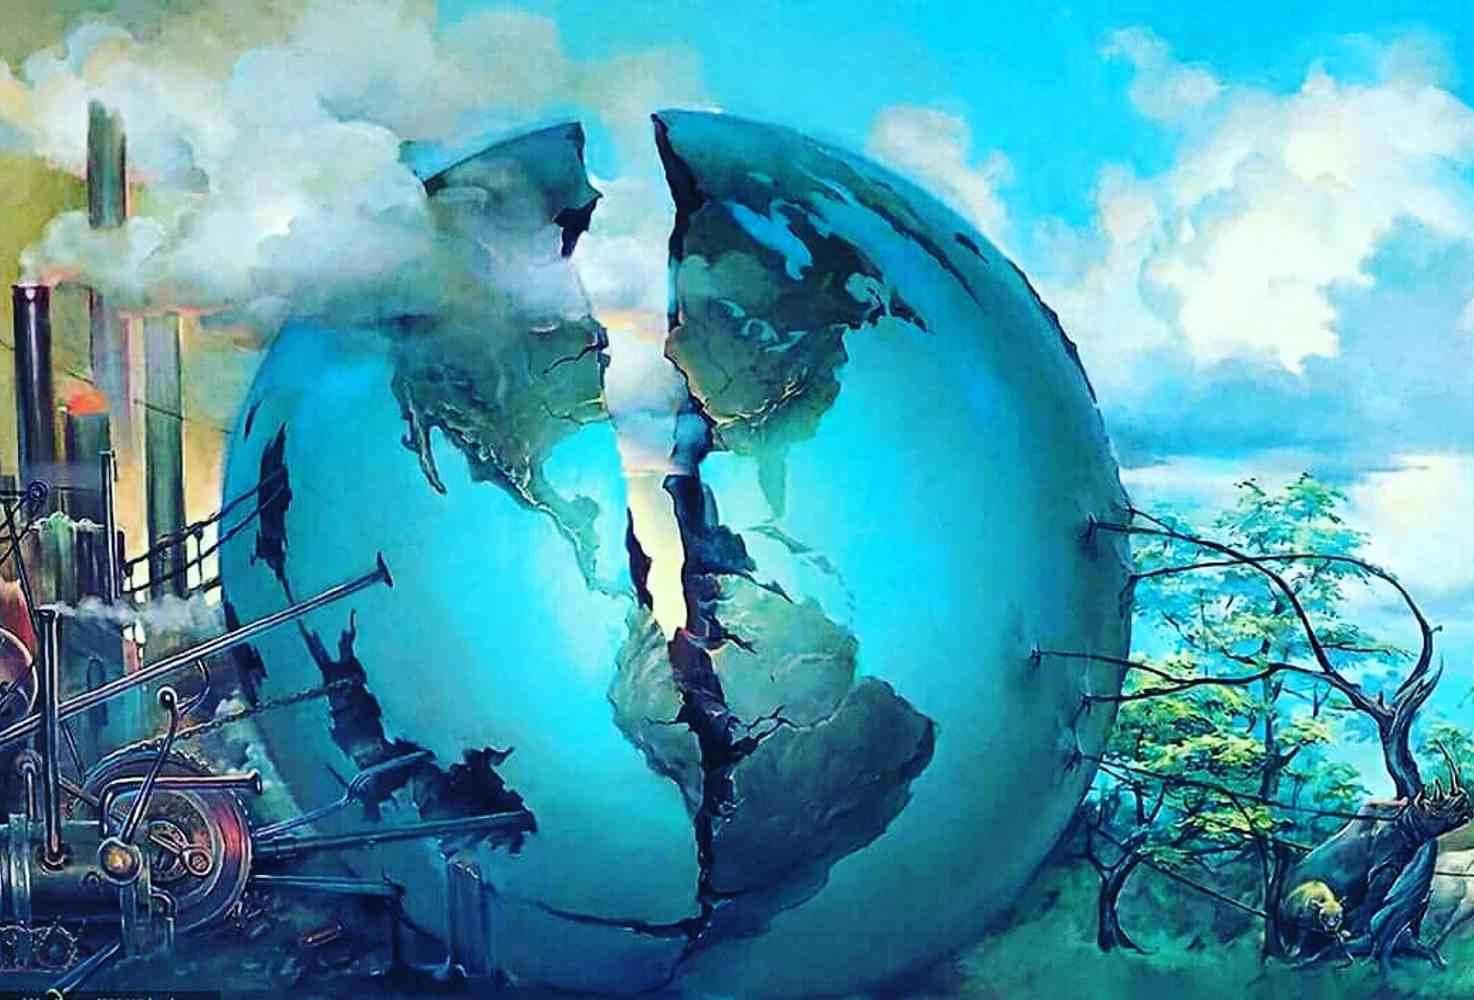 opredeleny-pobediteli-shkolnogo-konkursa-po-ekozhurnalistike-budushhee-planety